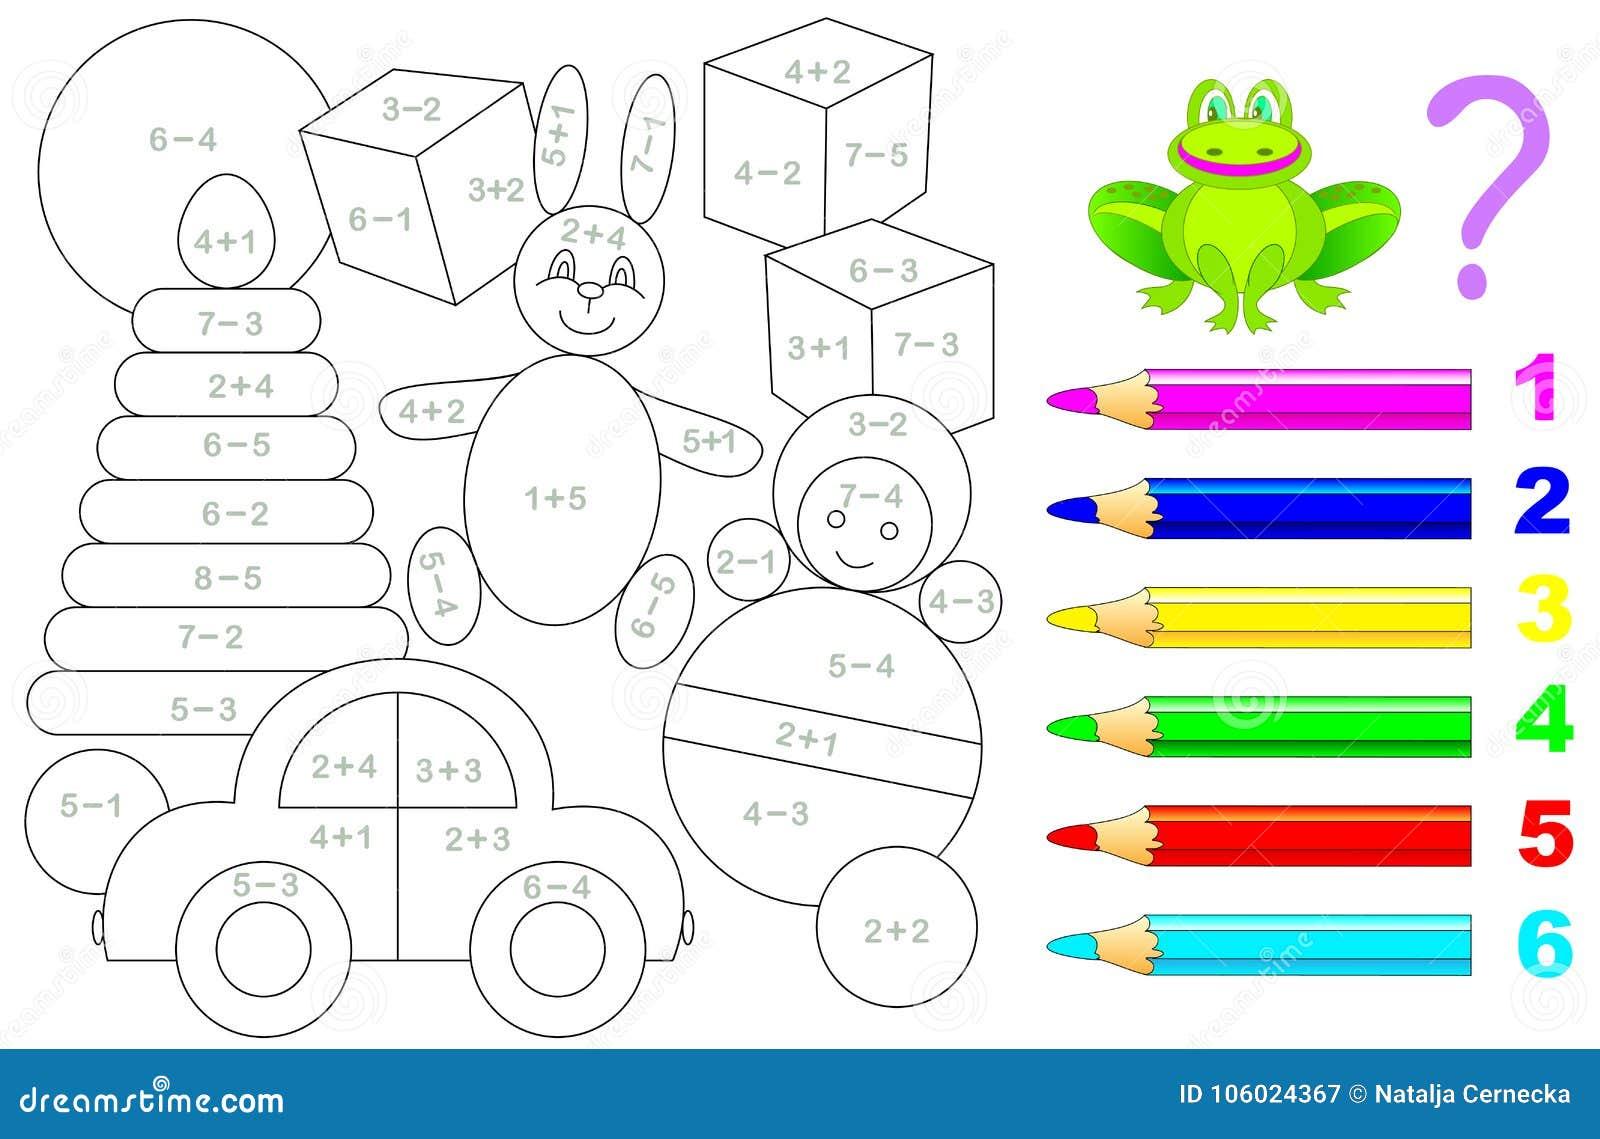 exemple mathematique pour enfants pdf